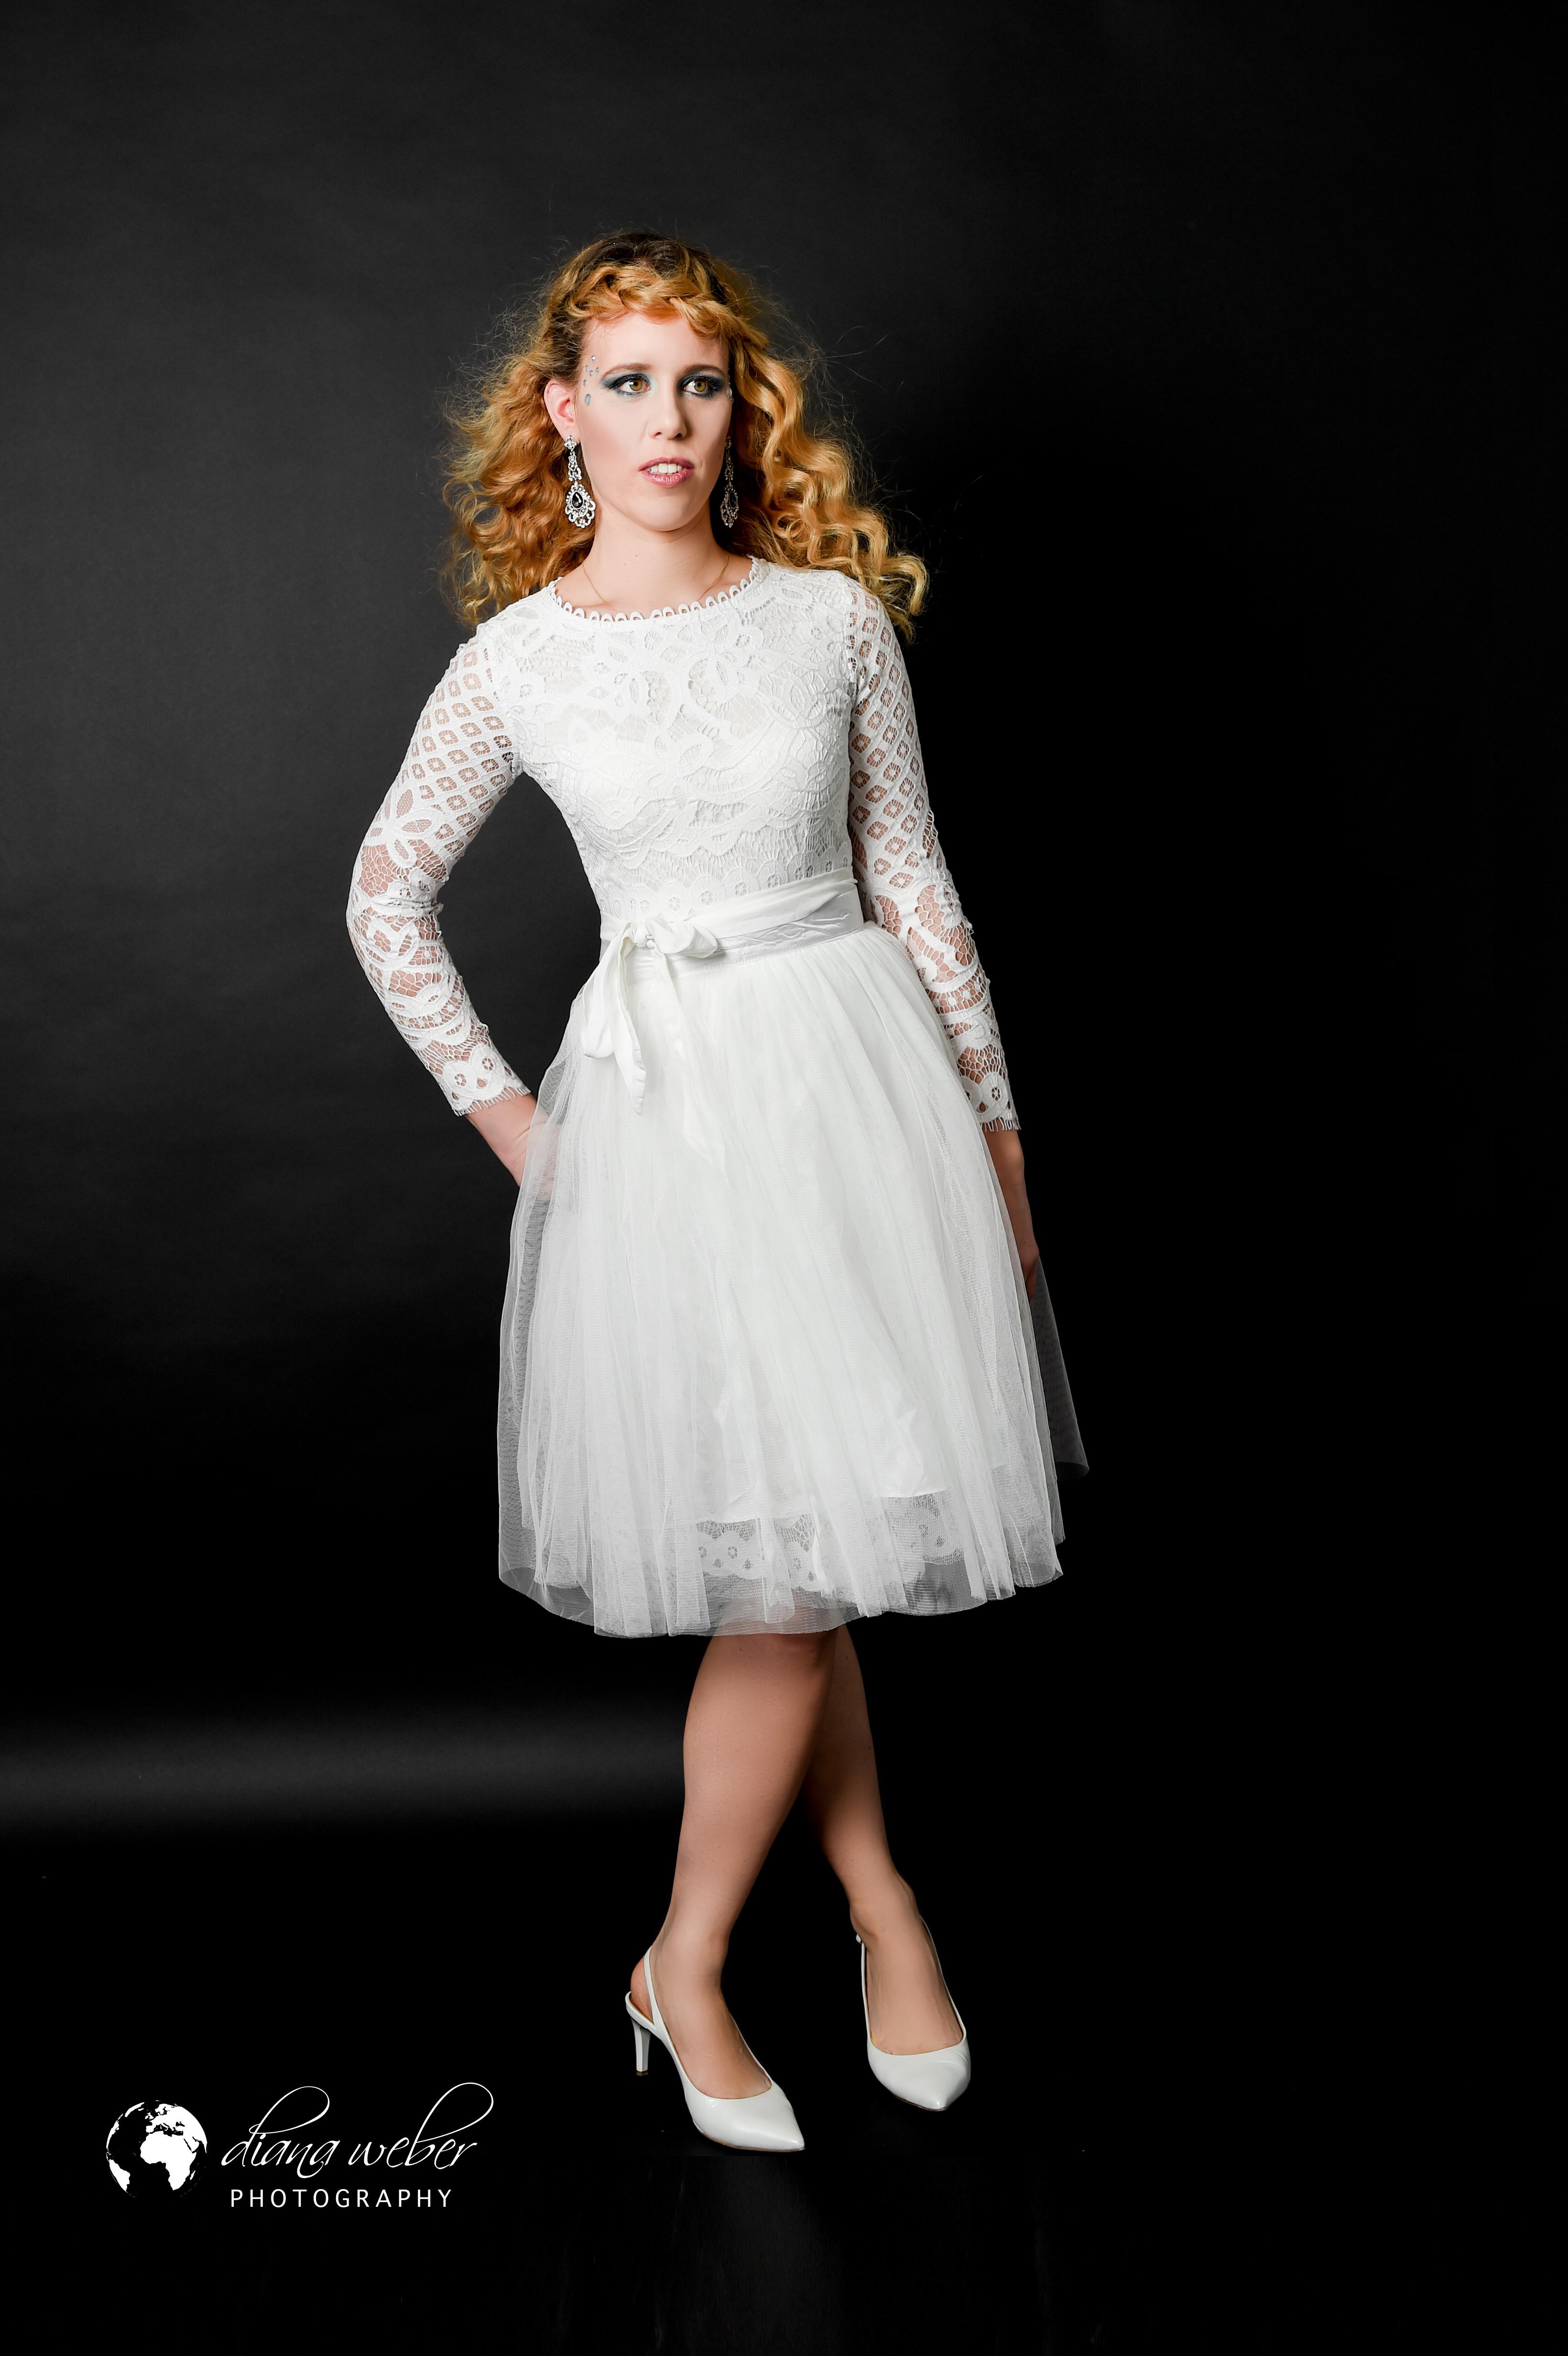 Fashion white skirt